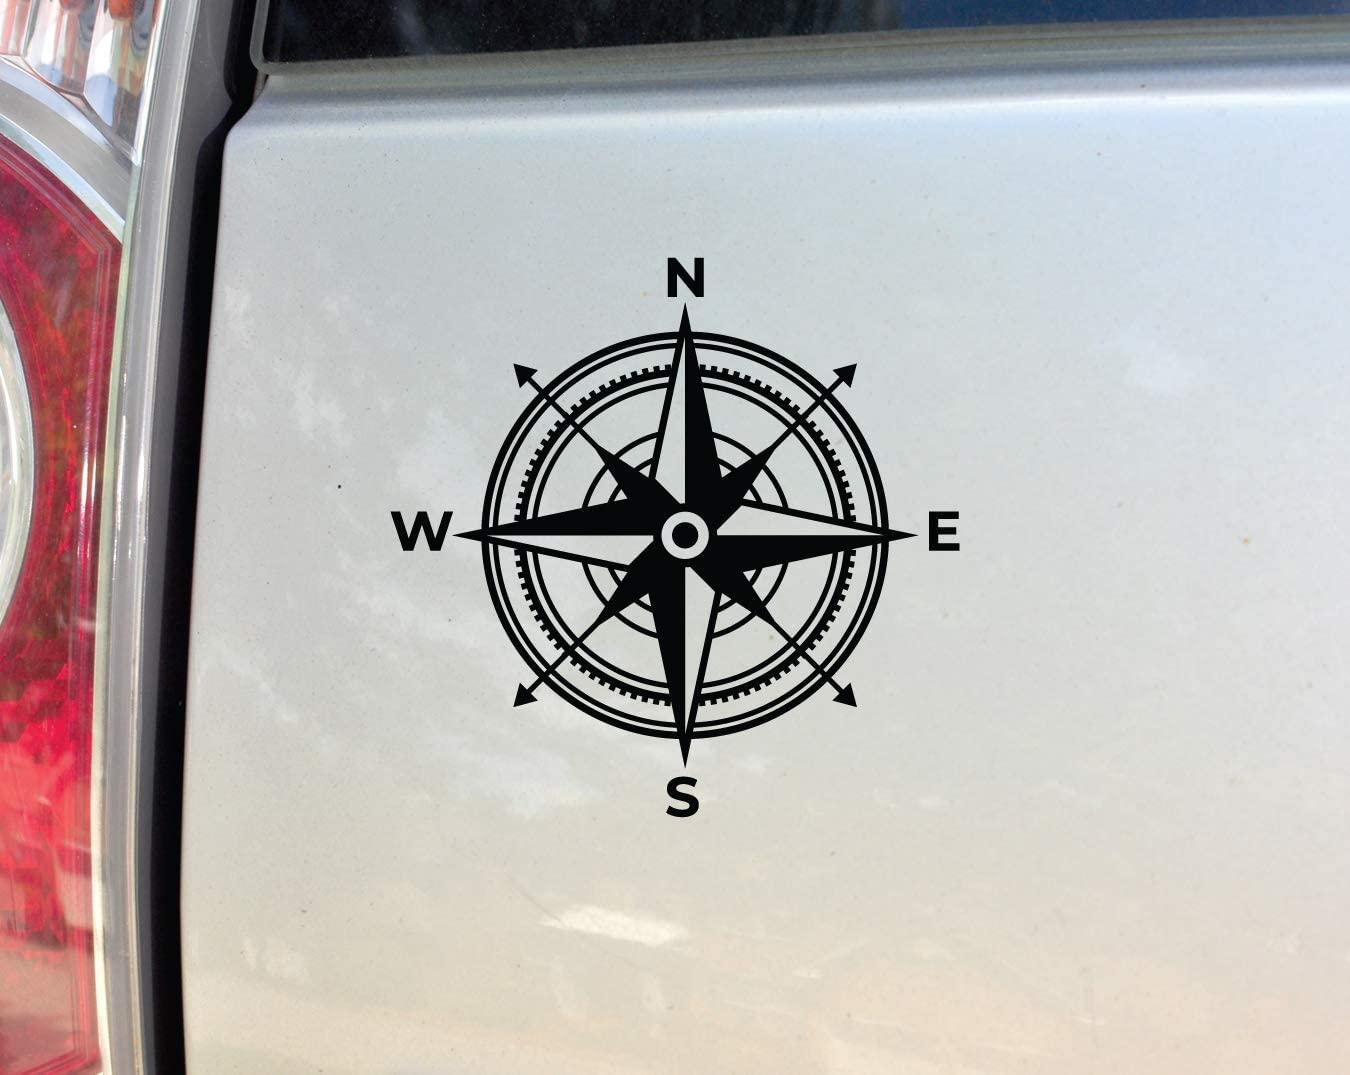 Compass Vinyl Decal Laptop Car Truck Bumper Window Sticker, 5.5